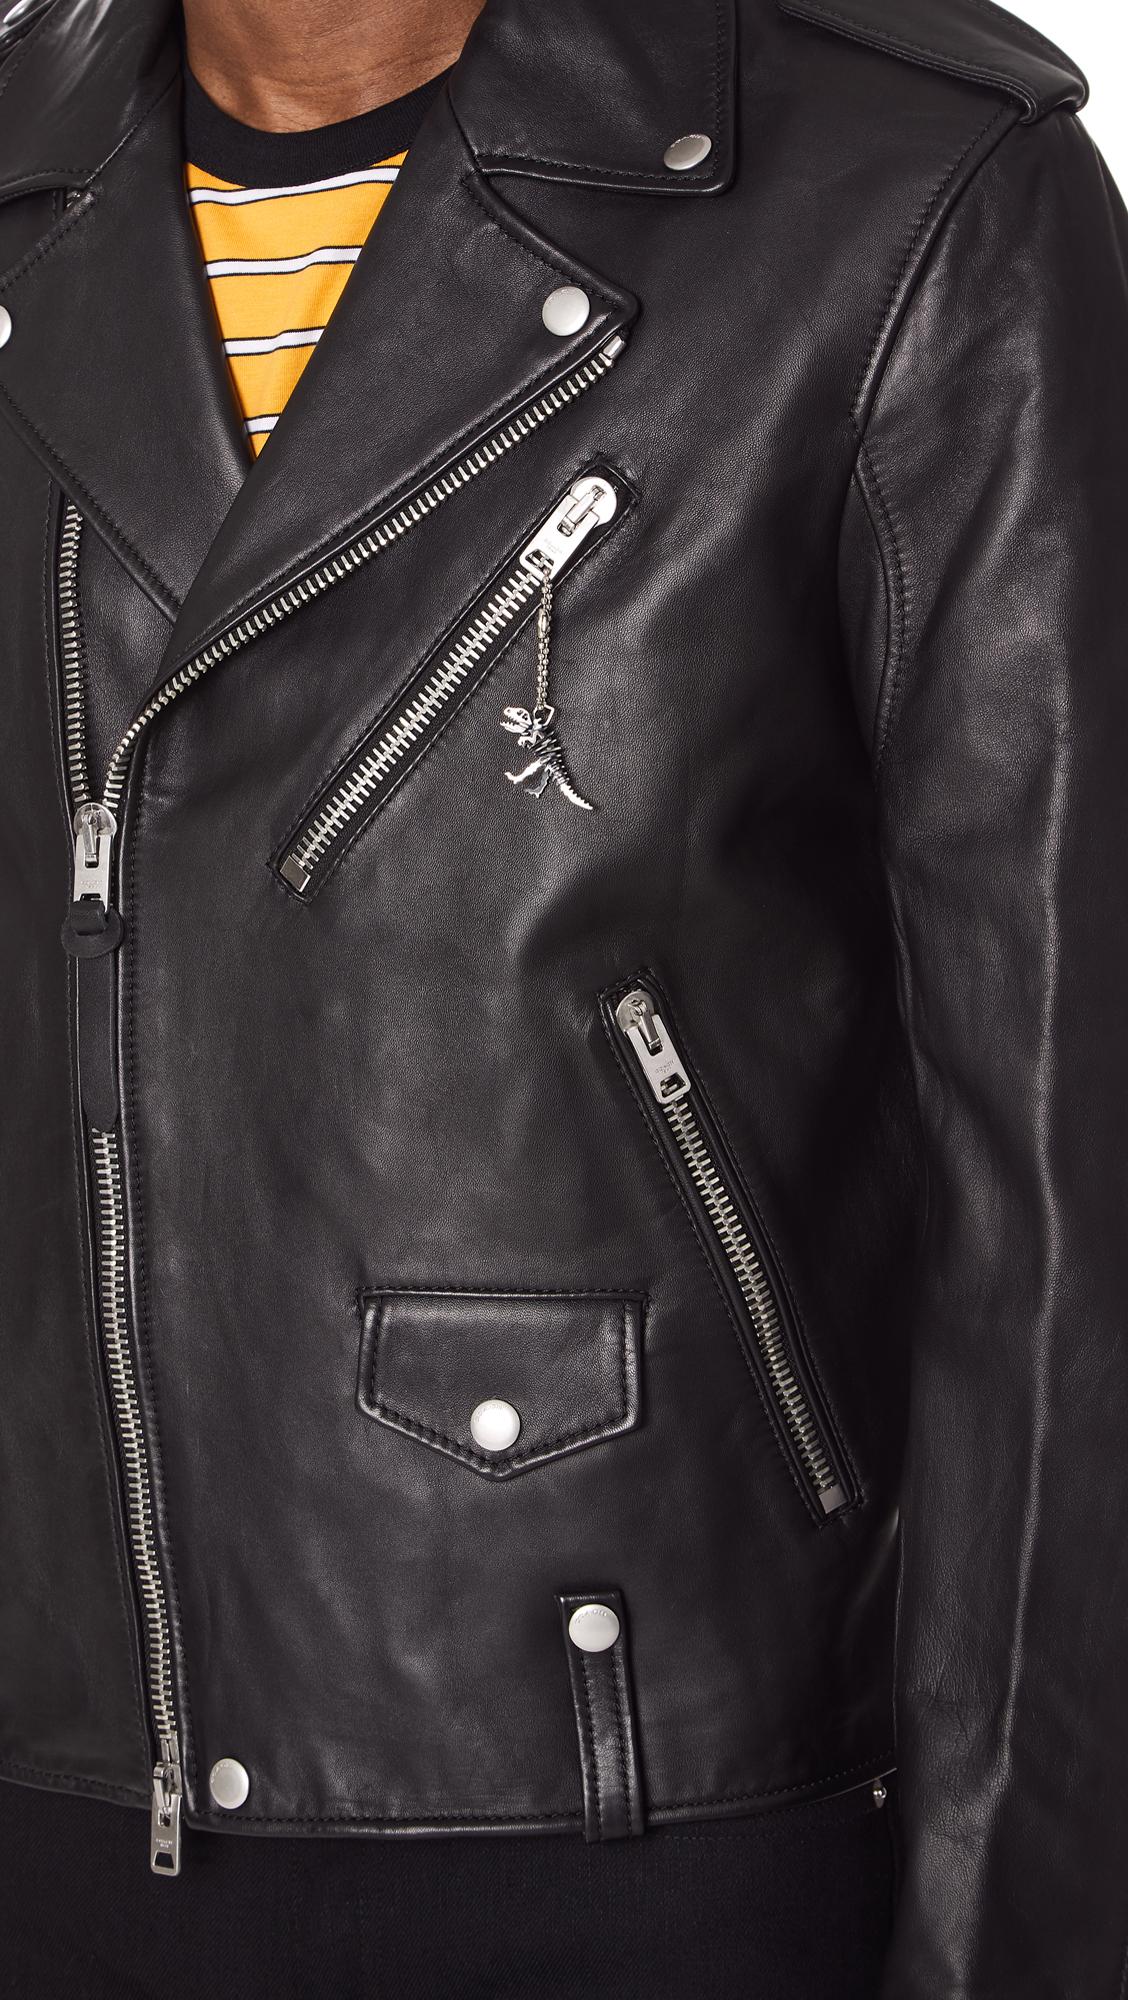 Coach 1941 Unisex Leather Moto Jacket East Dane